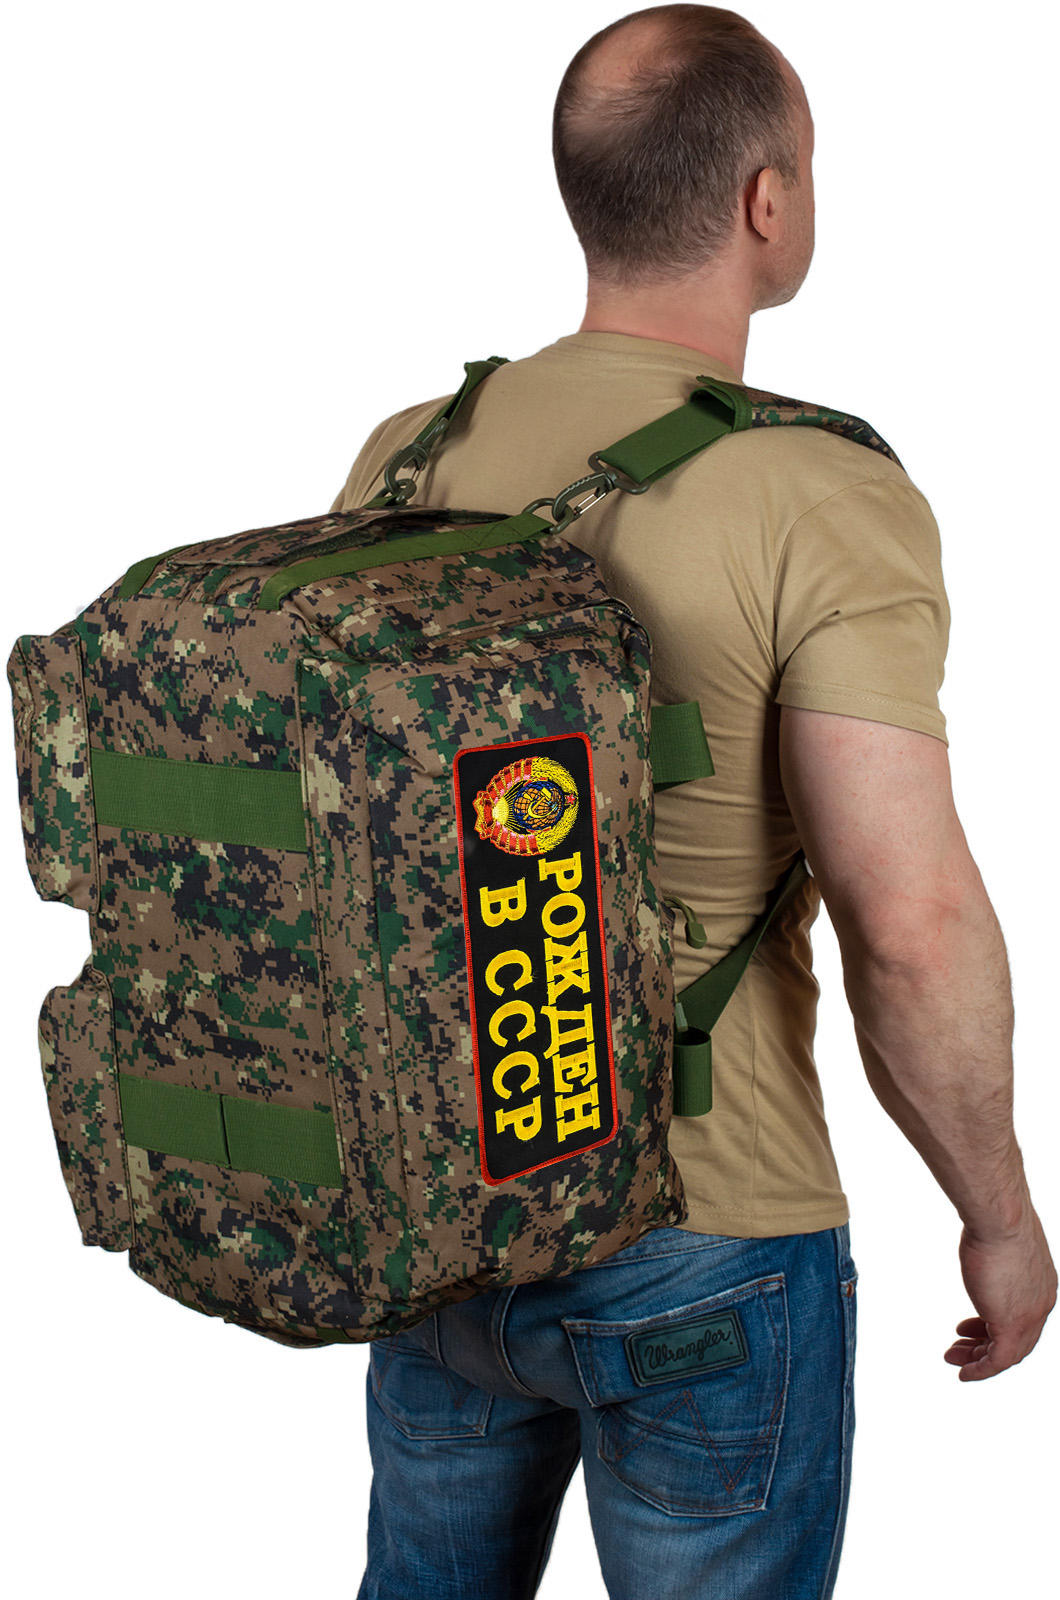 Купить дорожную тактическую сумку Рожден в СССР по специальной цене